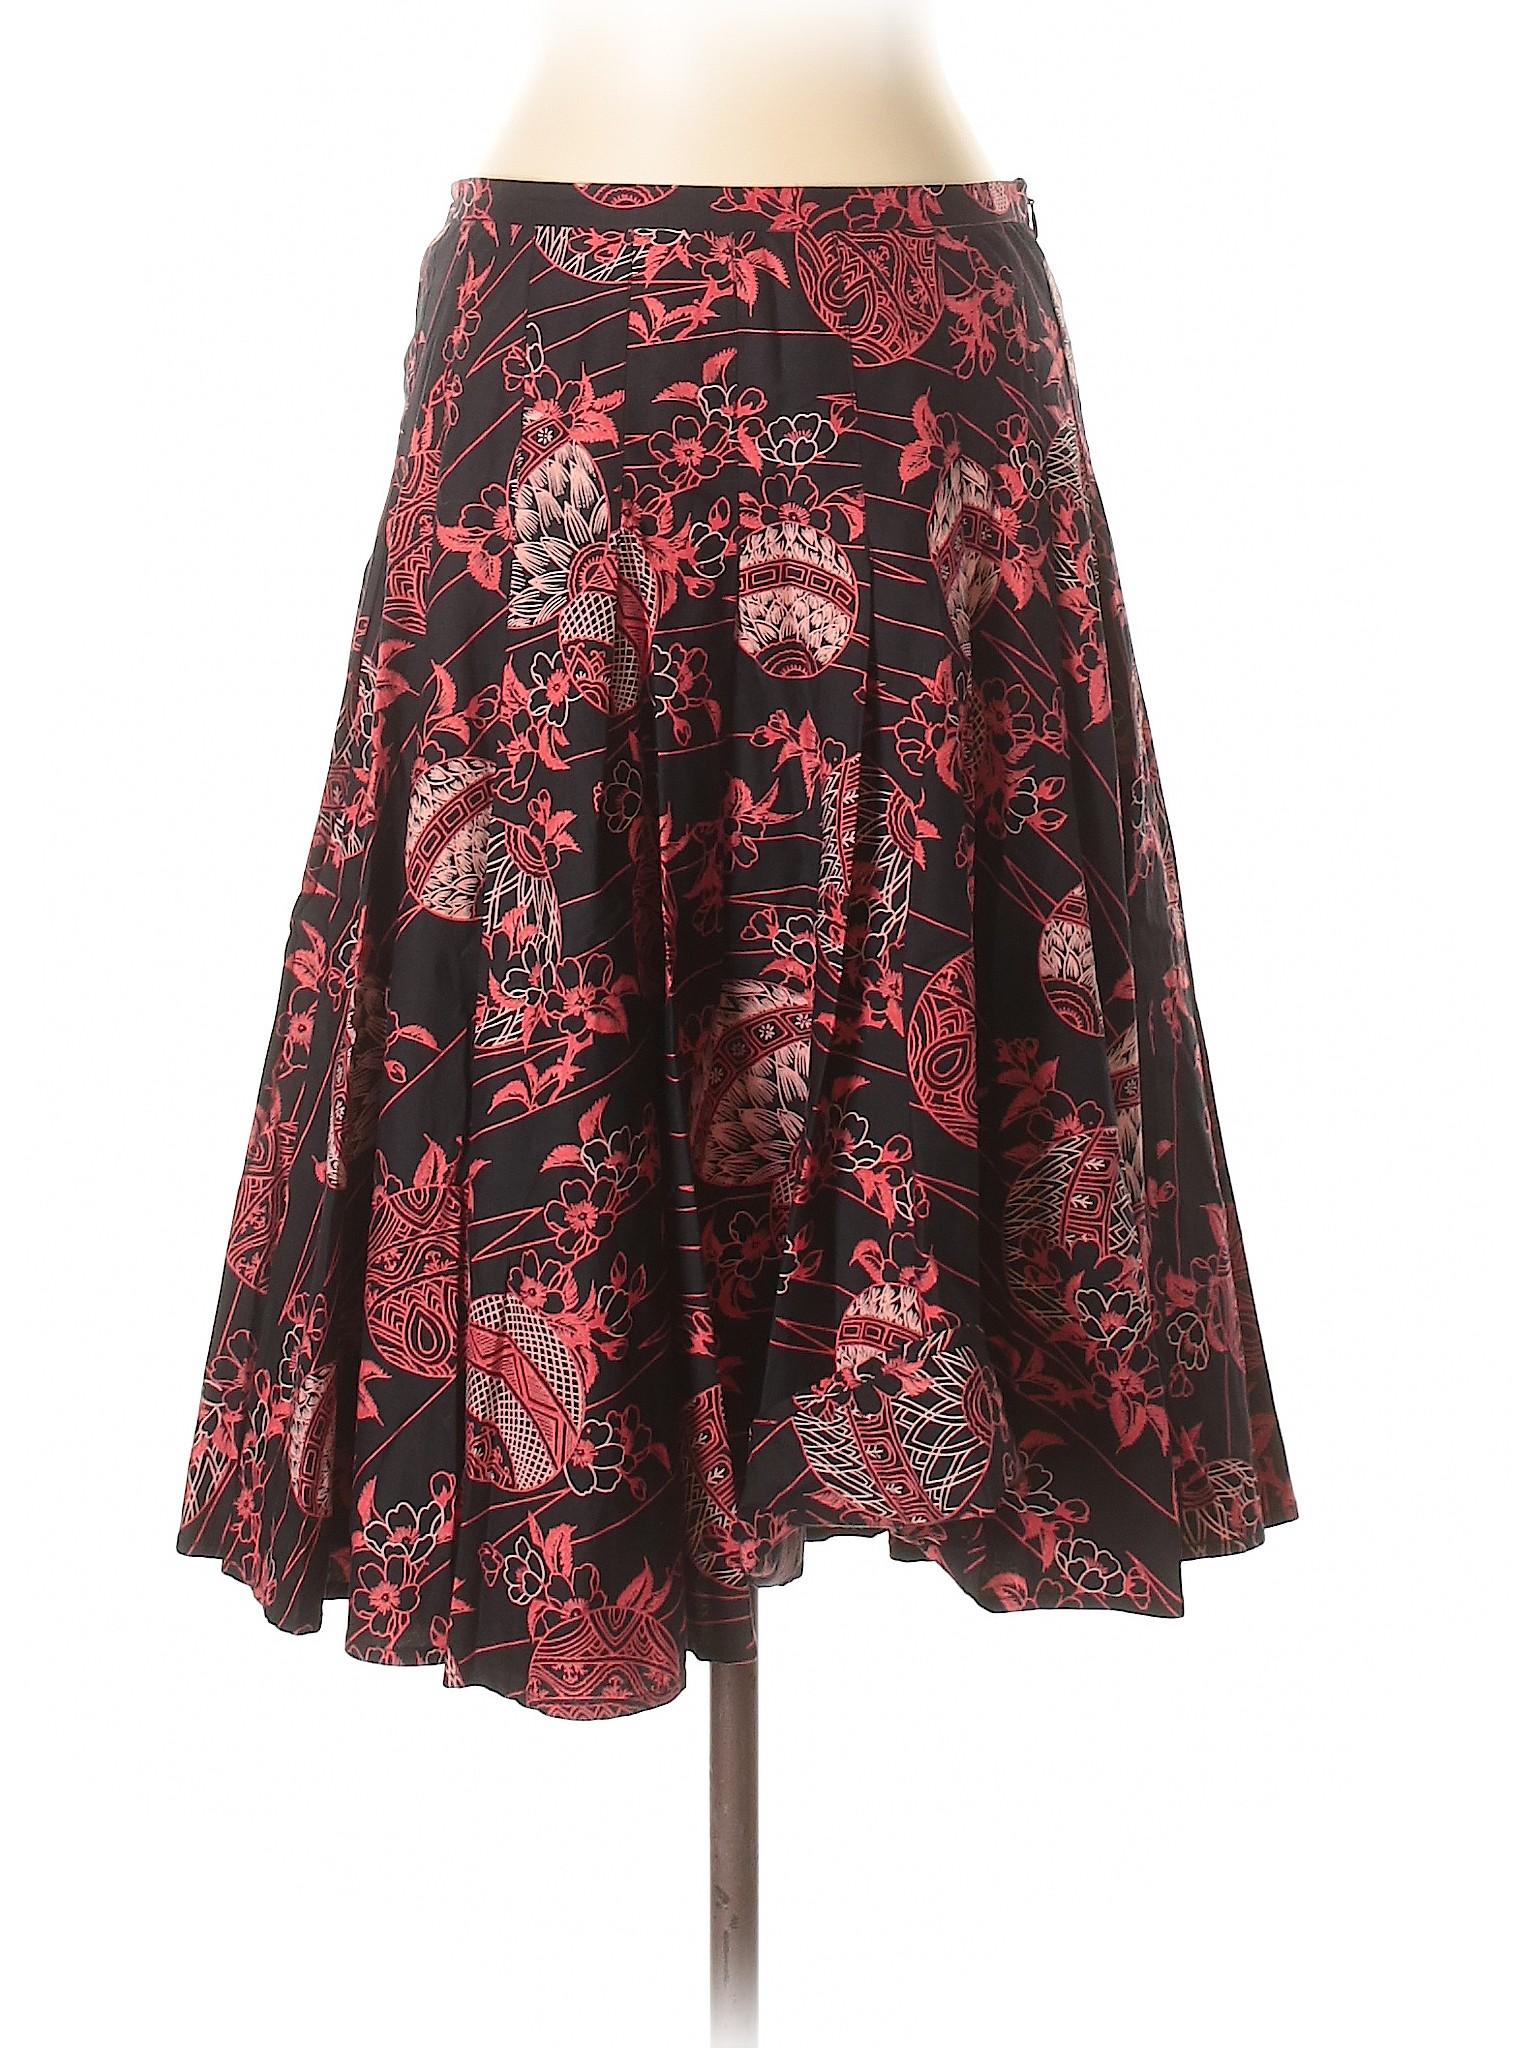 Boutique Casual Skirt Boutique Boutique Casual Boutique Casual Casual Boutique Skirt Skirt Casual Skirt 0P0wr